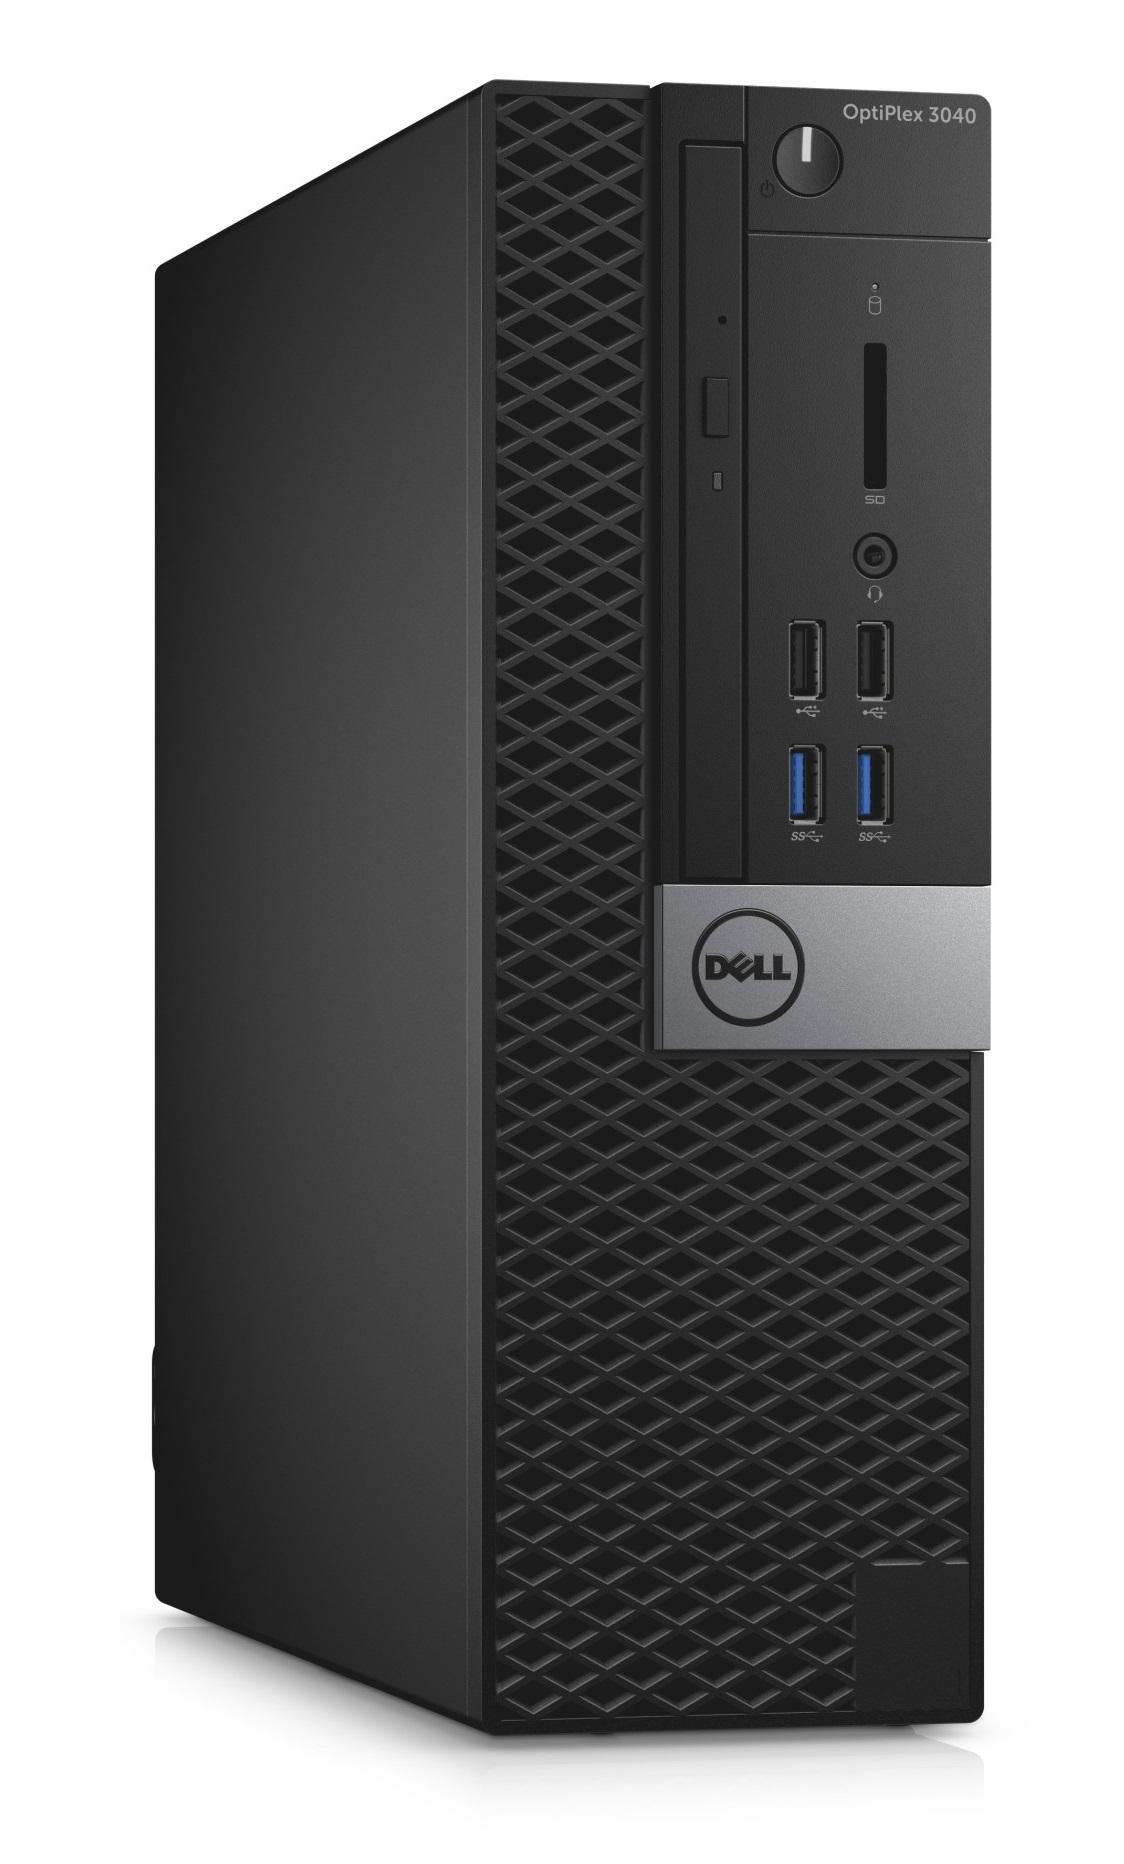 Dell Optiplex 3040S i3-6100/4GB/128GB SSD/Intel HD/HDMI/DP/USB/RJ45/DVD-RW/W7P+W10P/3RNBD/Černý